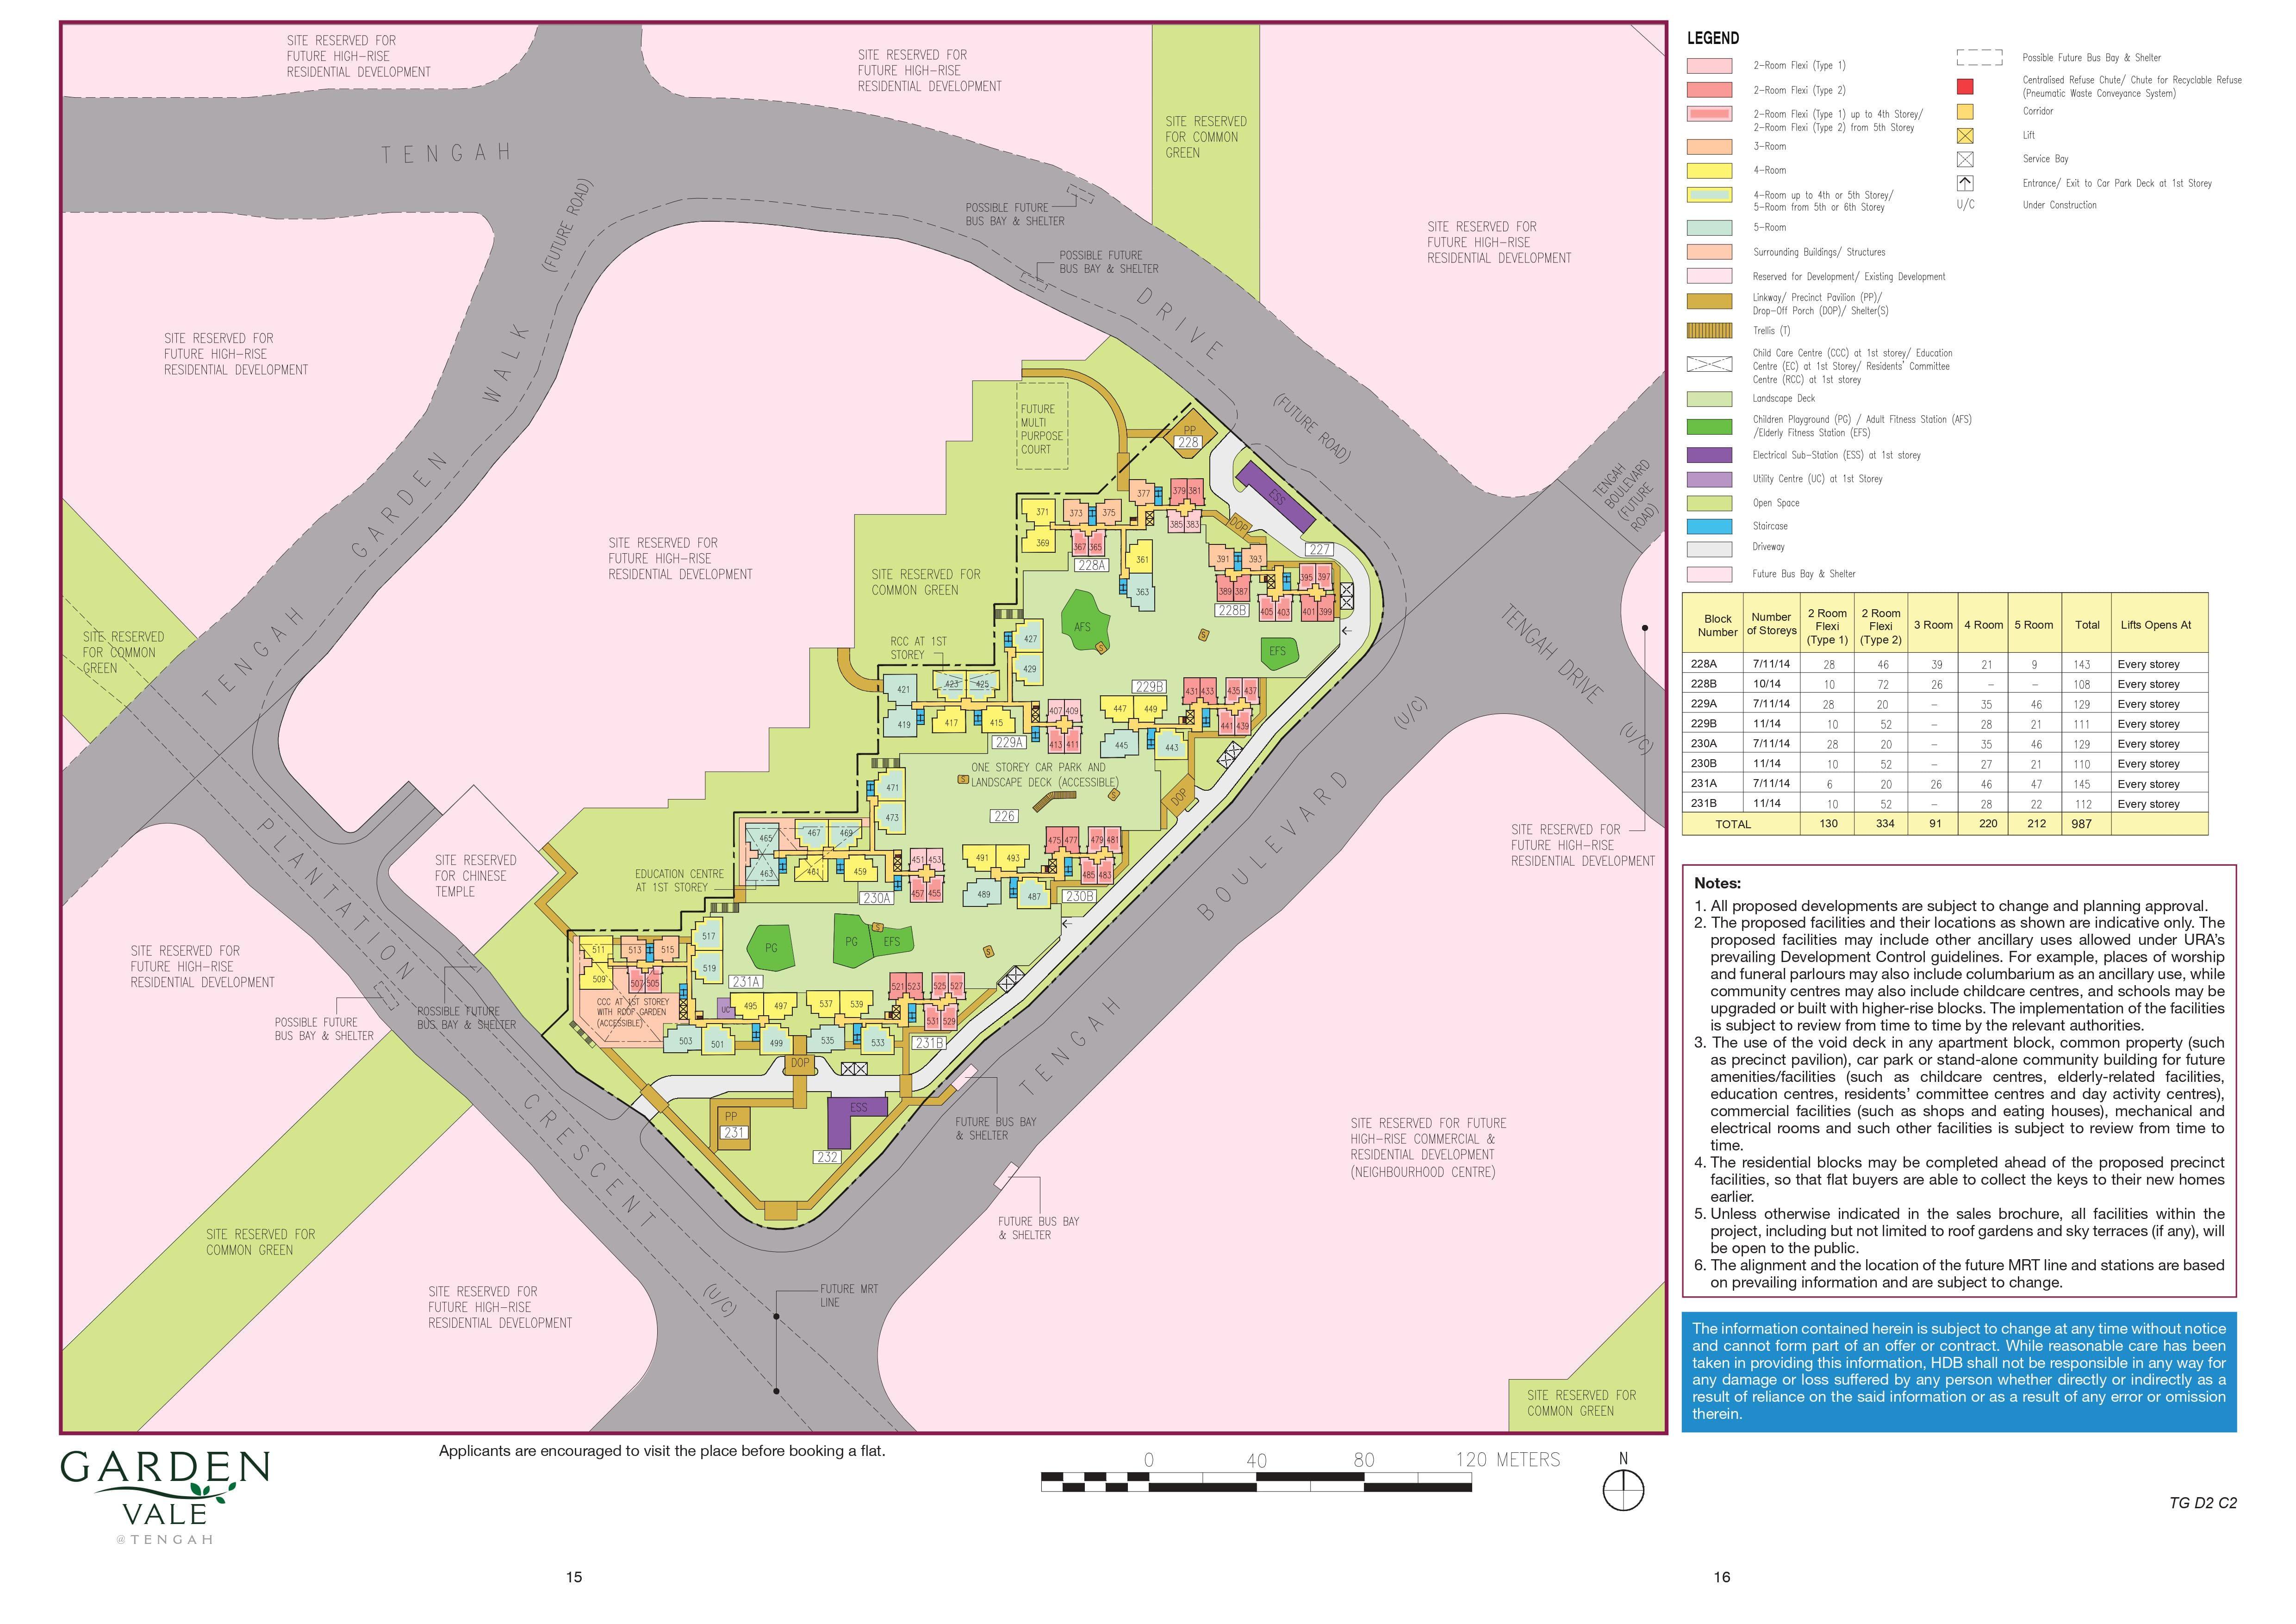 Garden Vale @ Tengah Site Plan